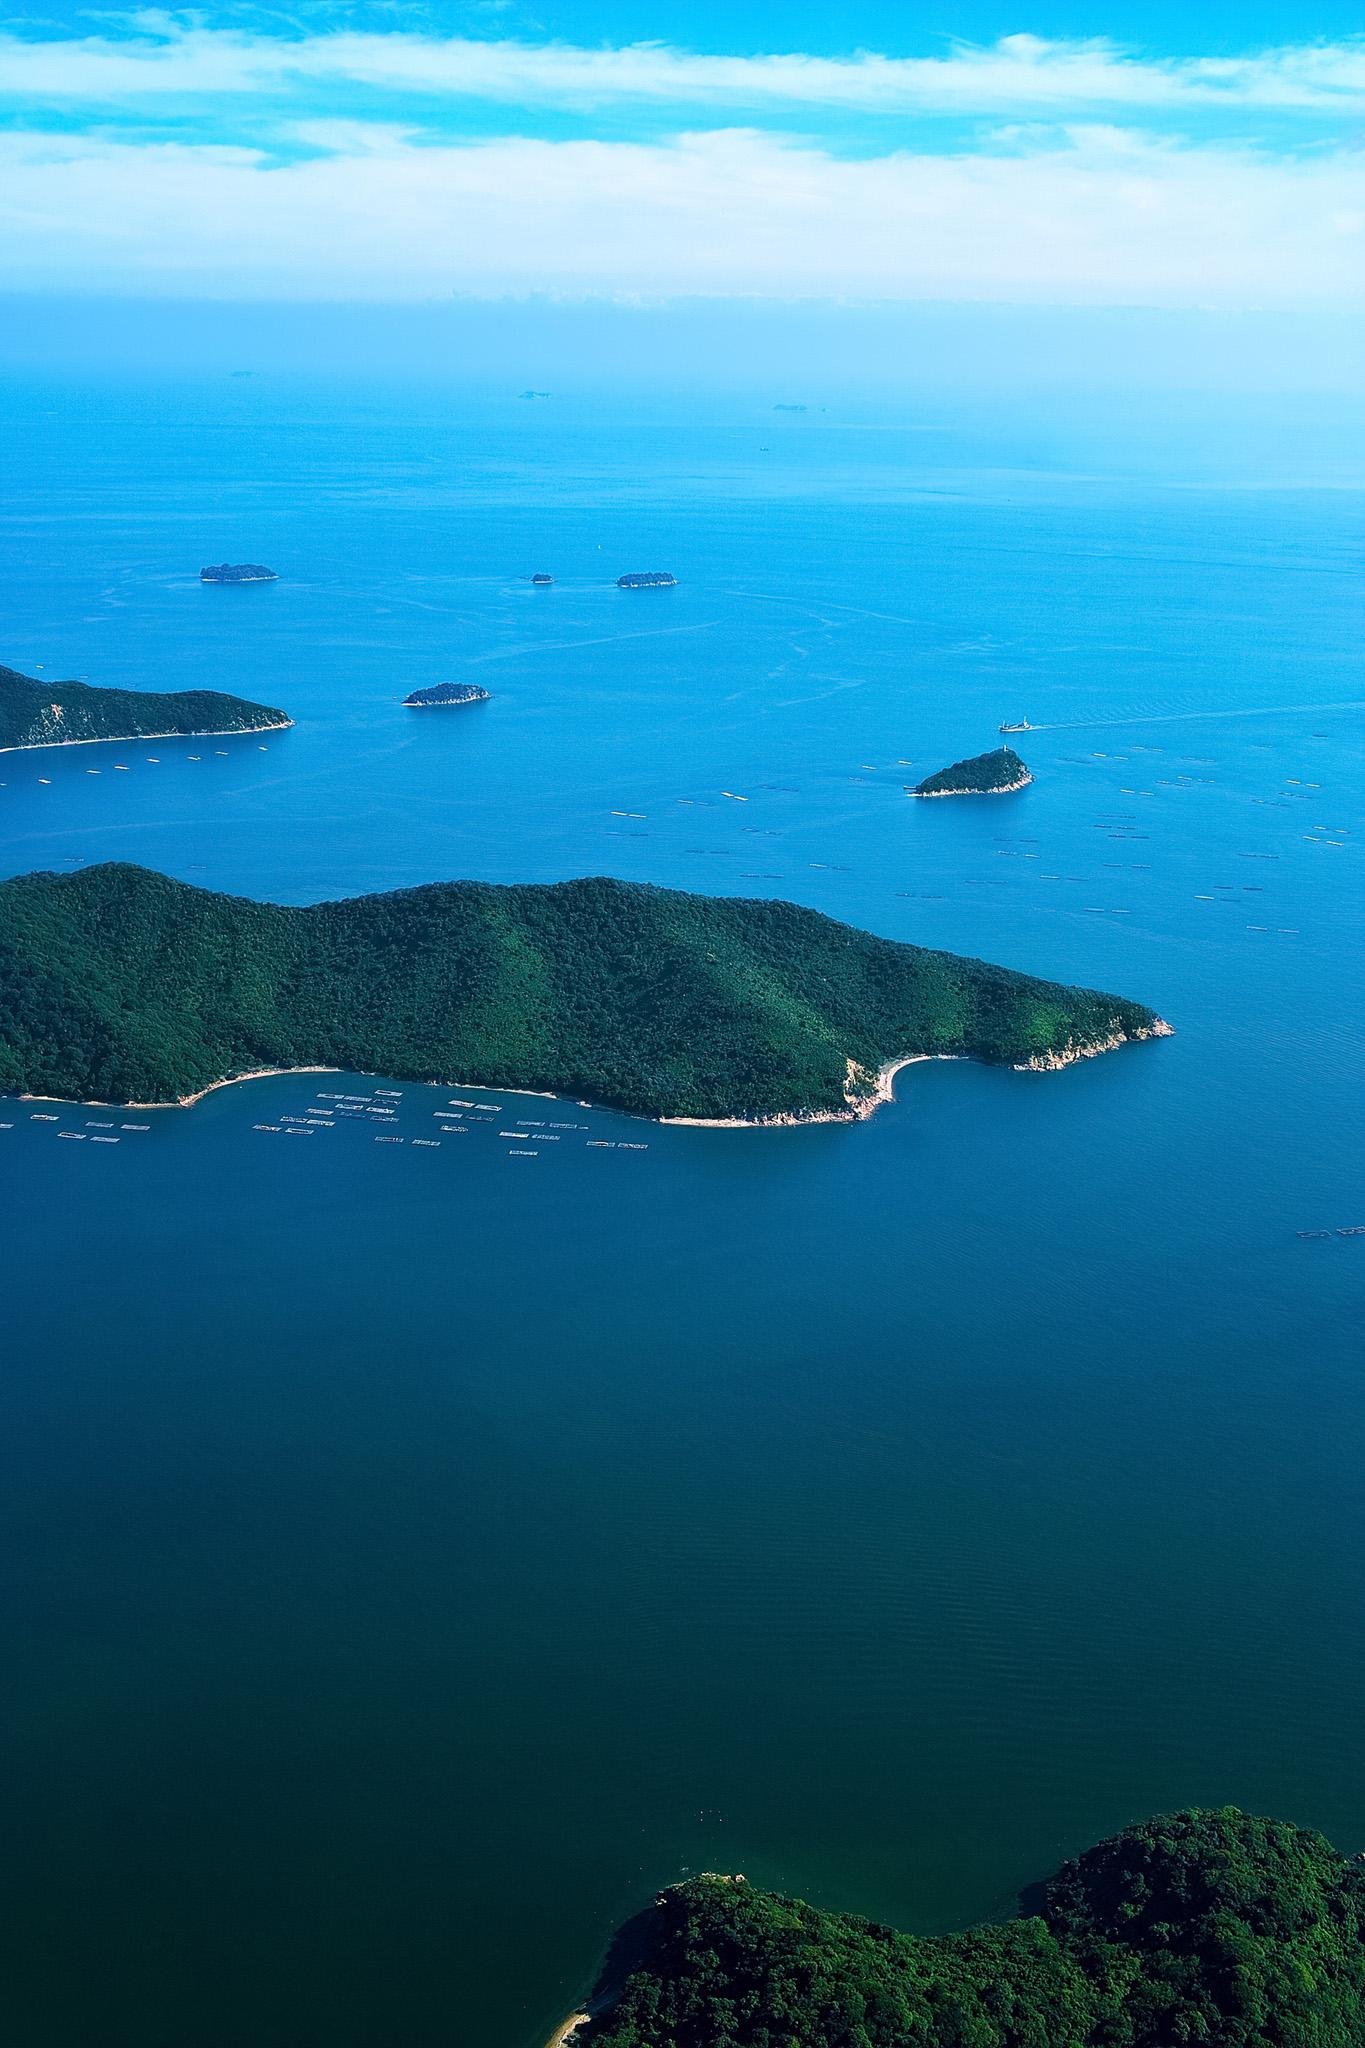 「海に浮かぶ小さな島々」